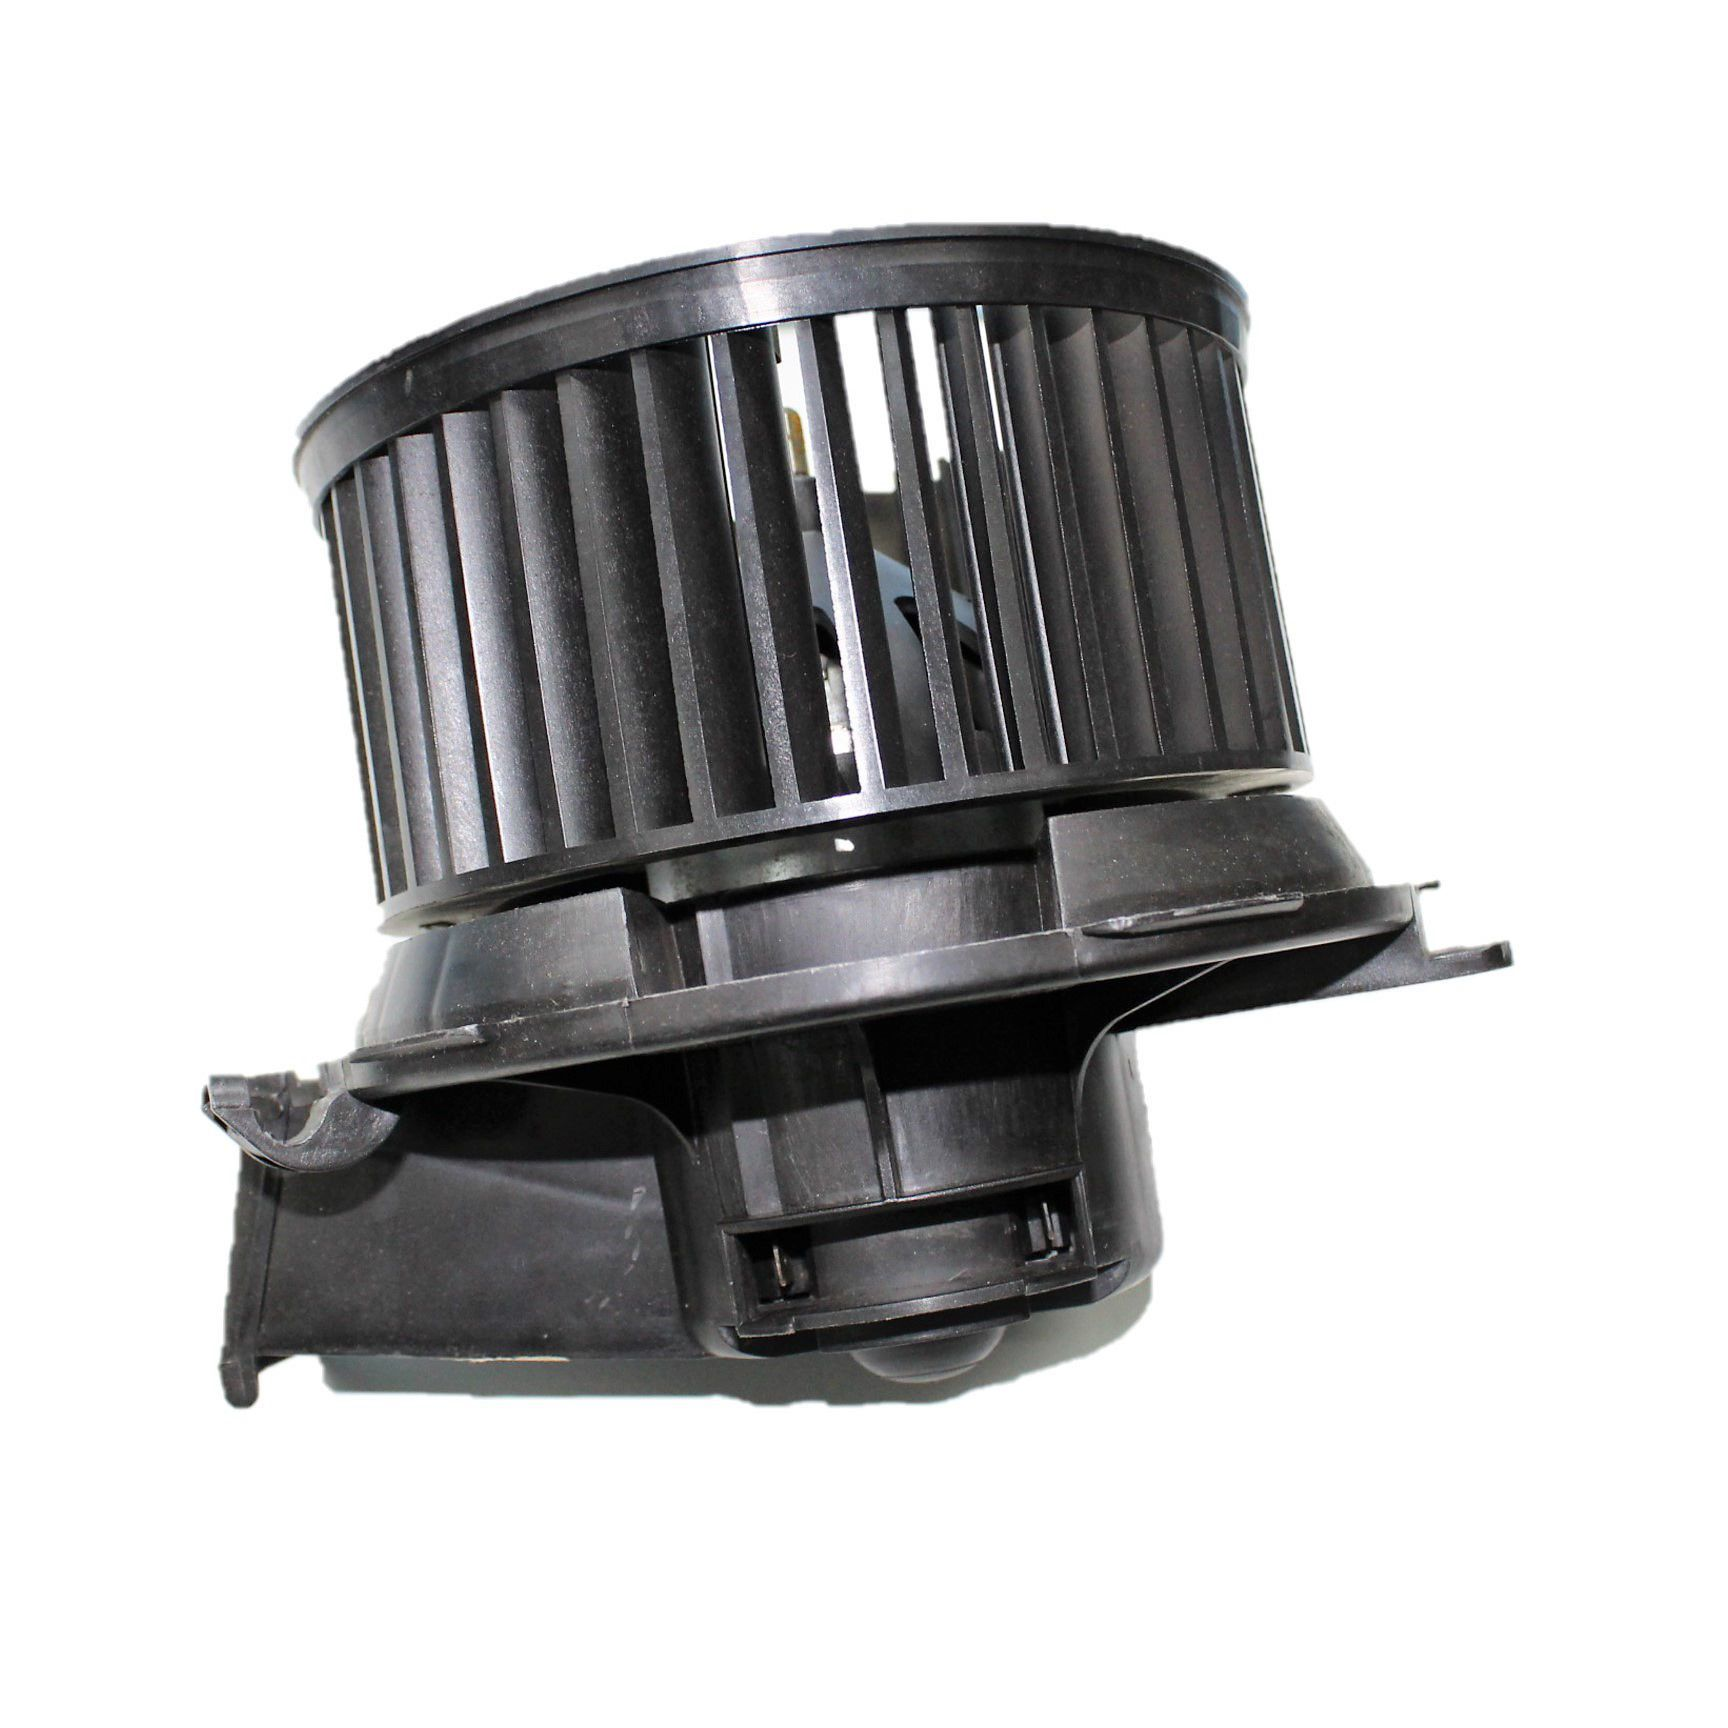 Motor Ventilador Interno Peugeot 206 - Usado